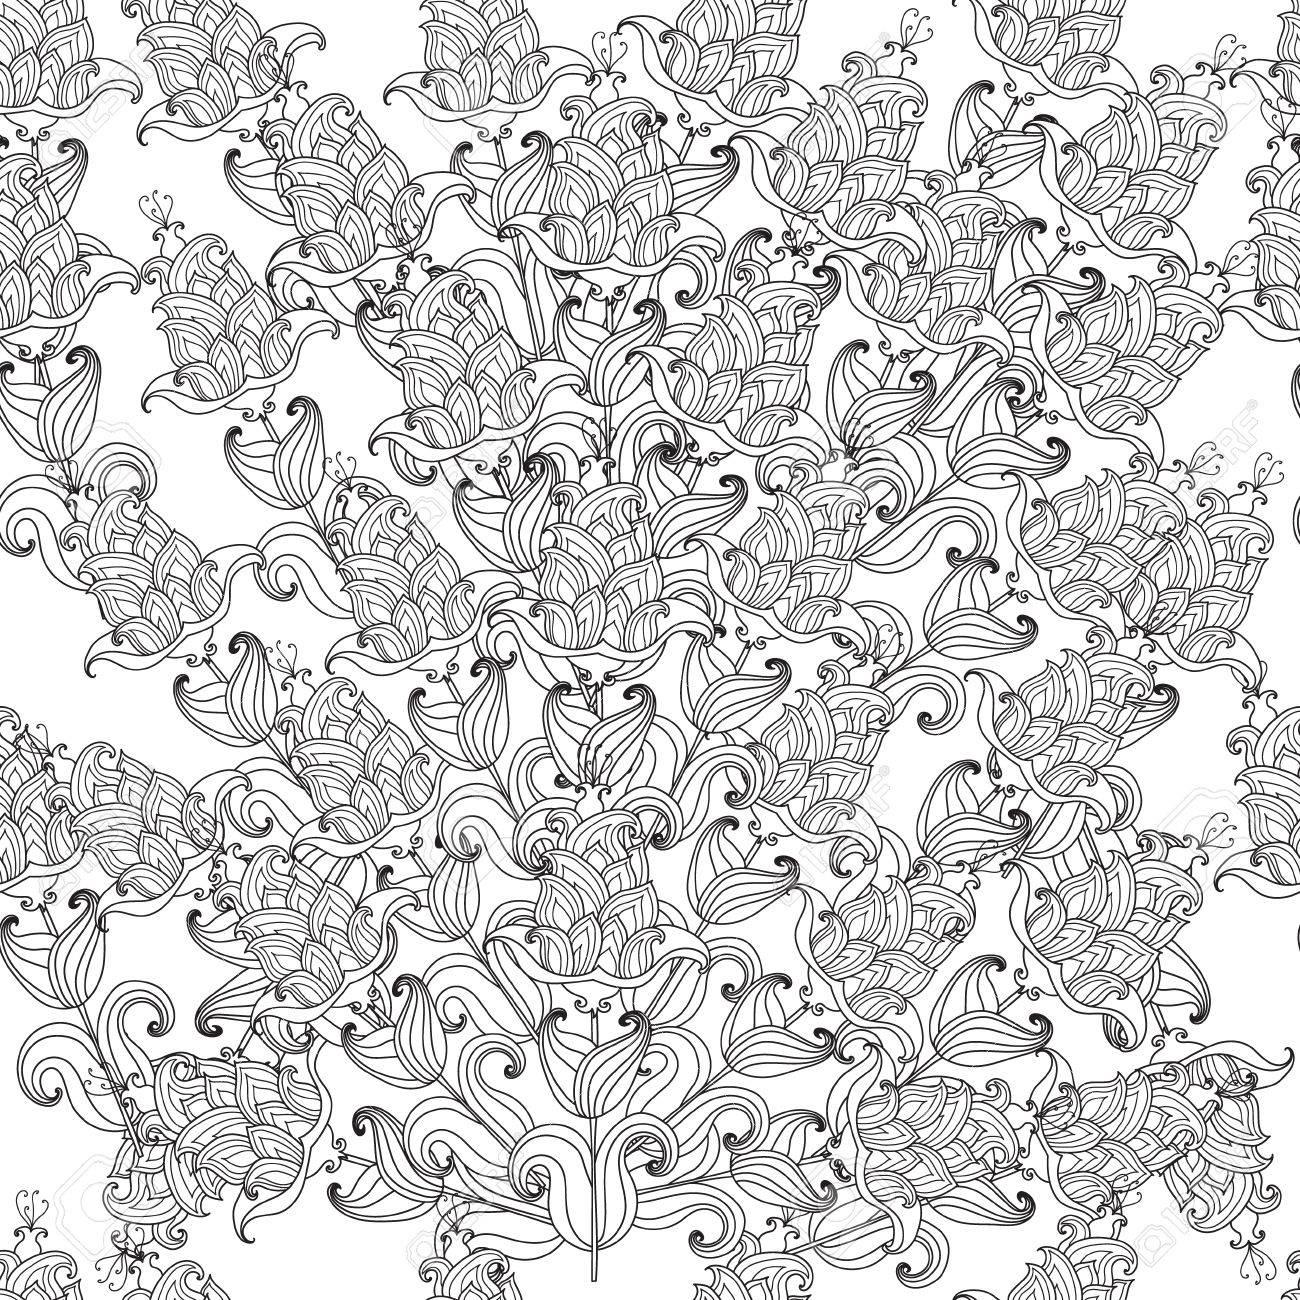 Croquis Fleur Noir Et Blanc Fleurs Décoratives Sans Soudure Vecteur Modèle Pour Les Pages à Colorier Pour Les Adultes Coloriage Dook Un Bouquet De